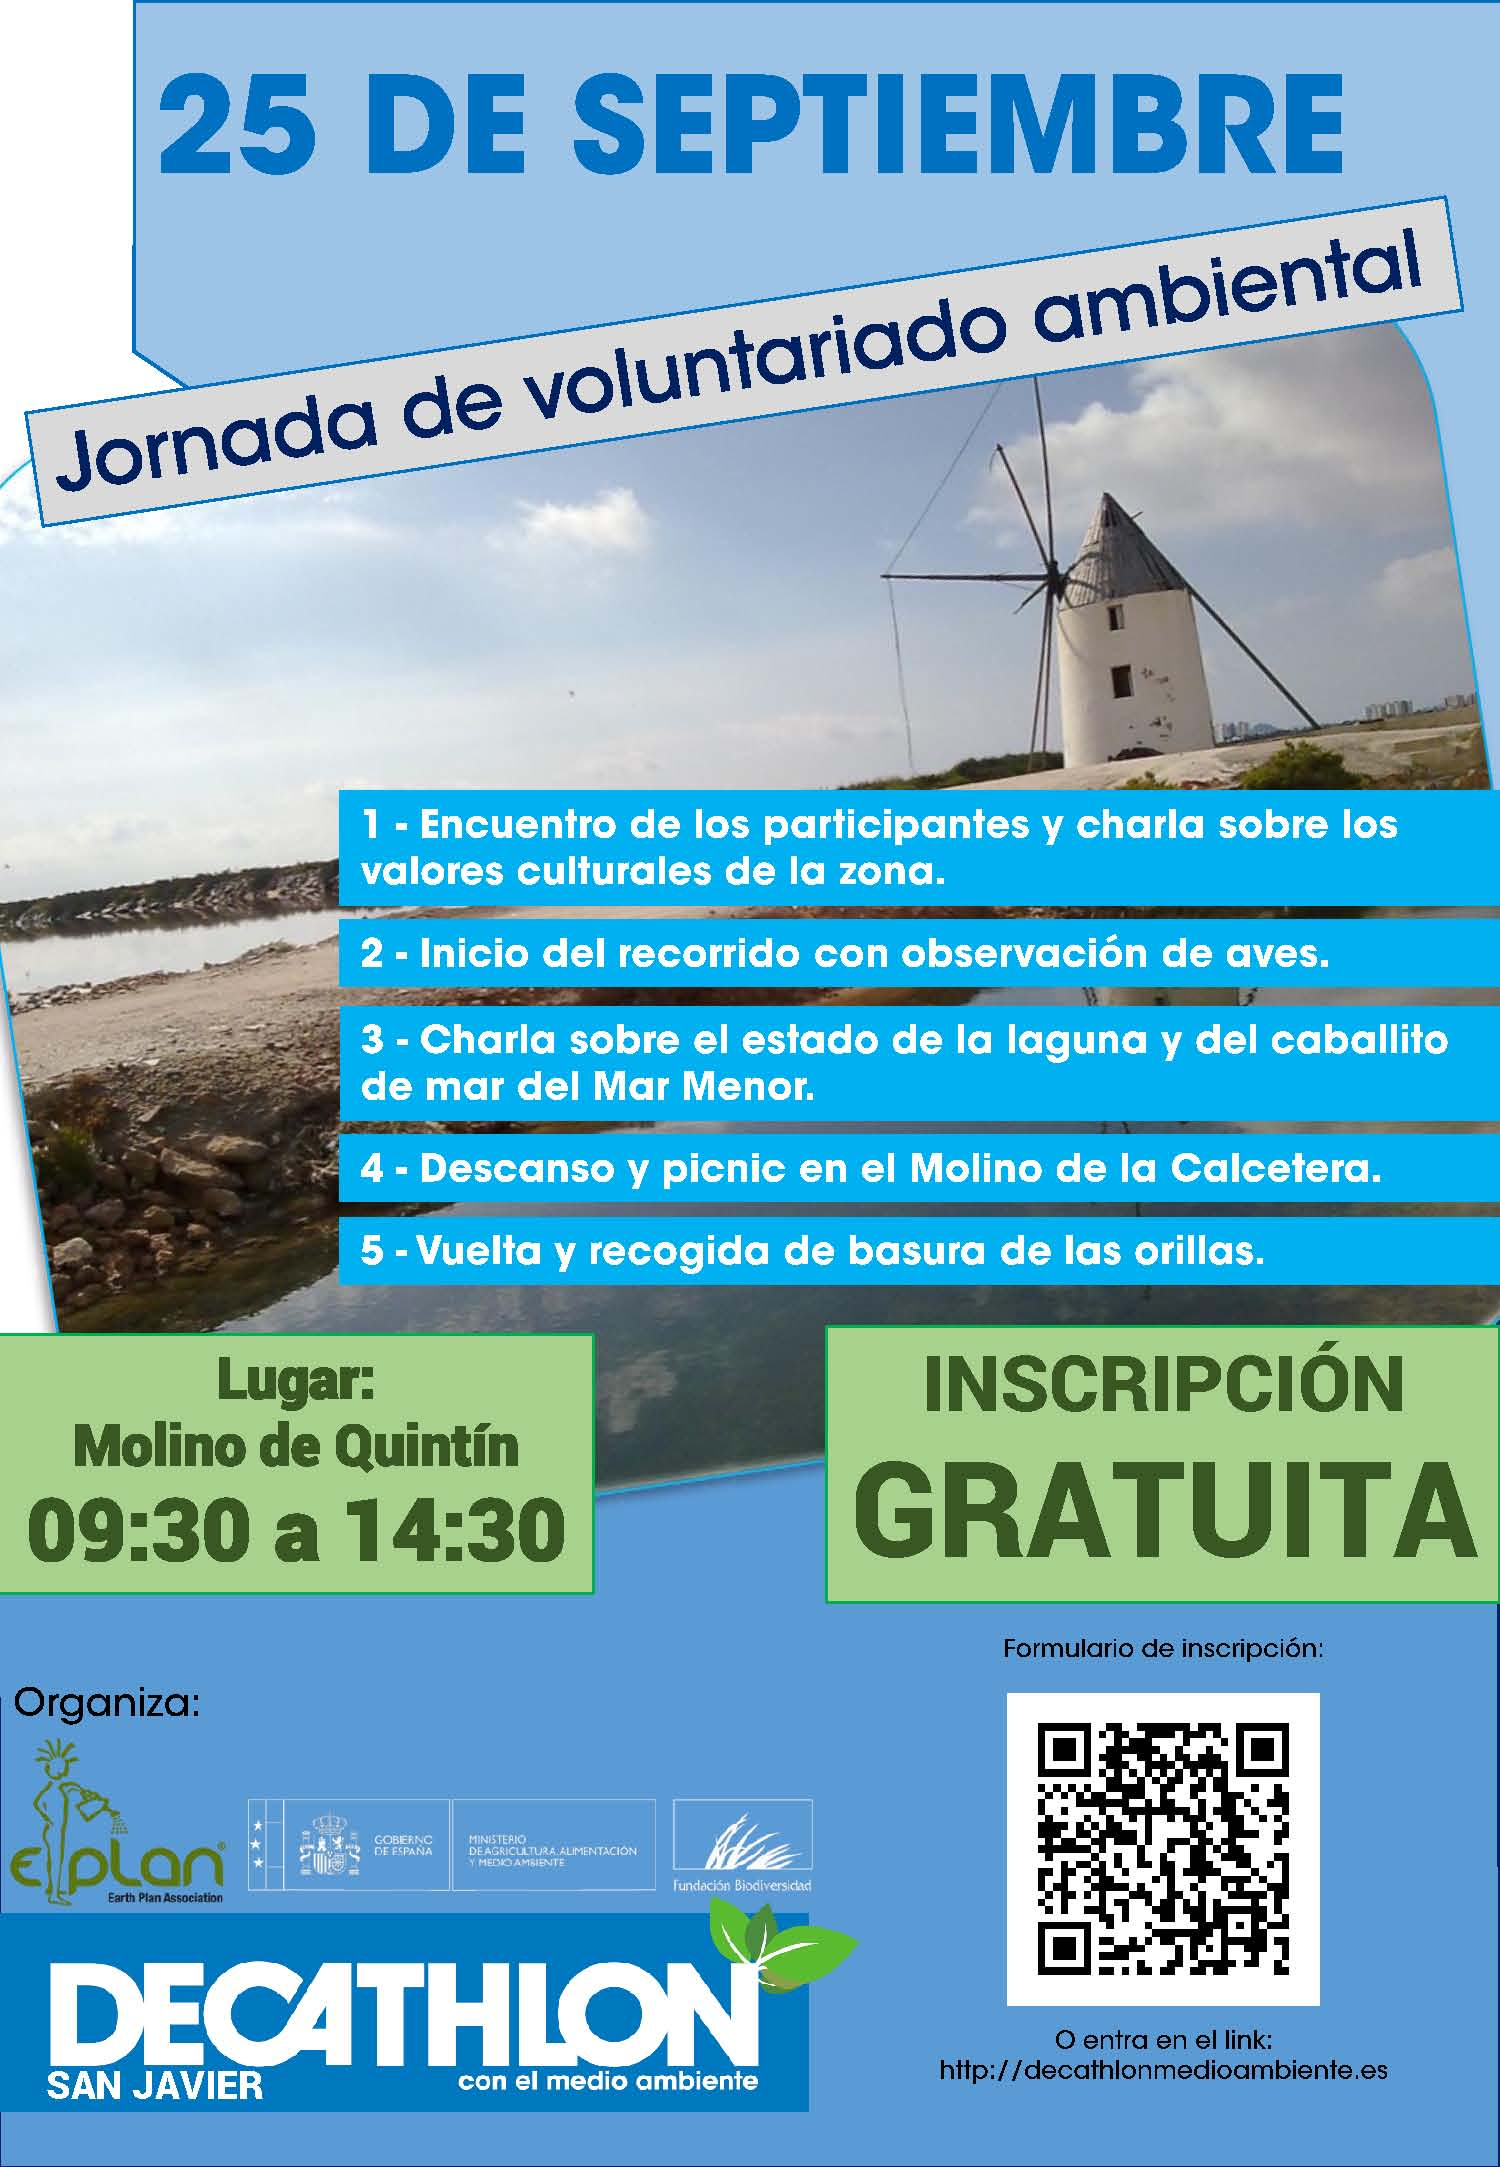 Observación de aves y limpieza del camino Quintín, con la Fundación Biodiversidad y Decathlon